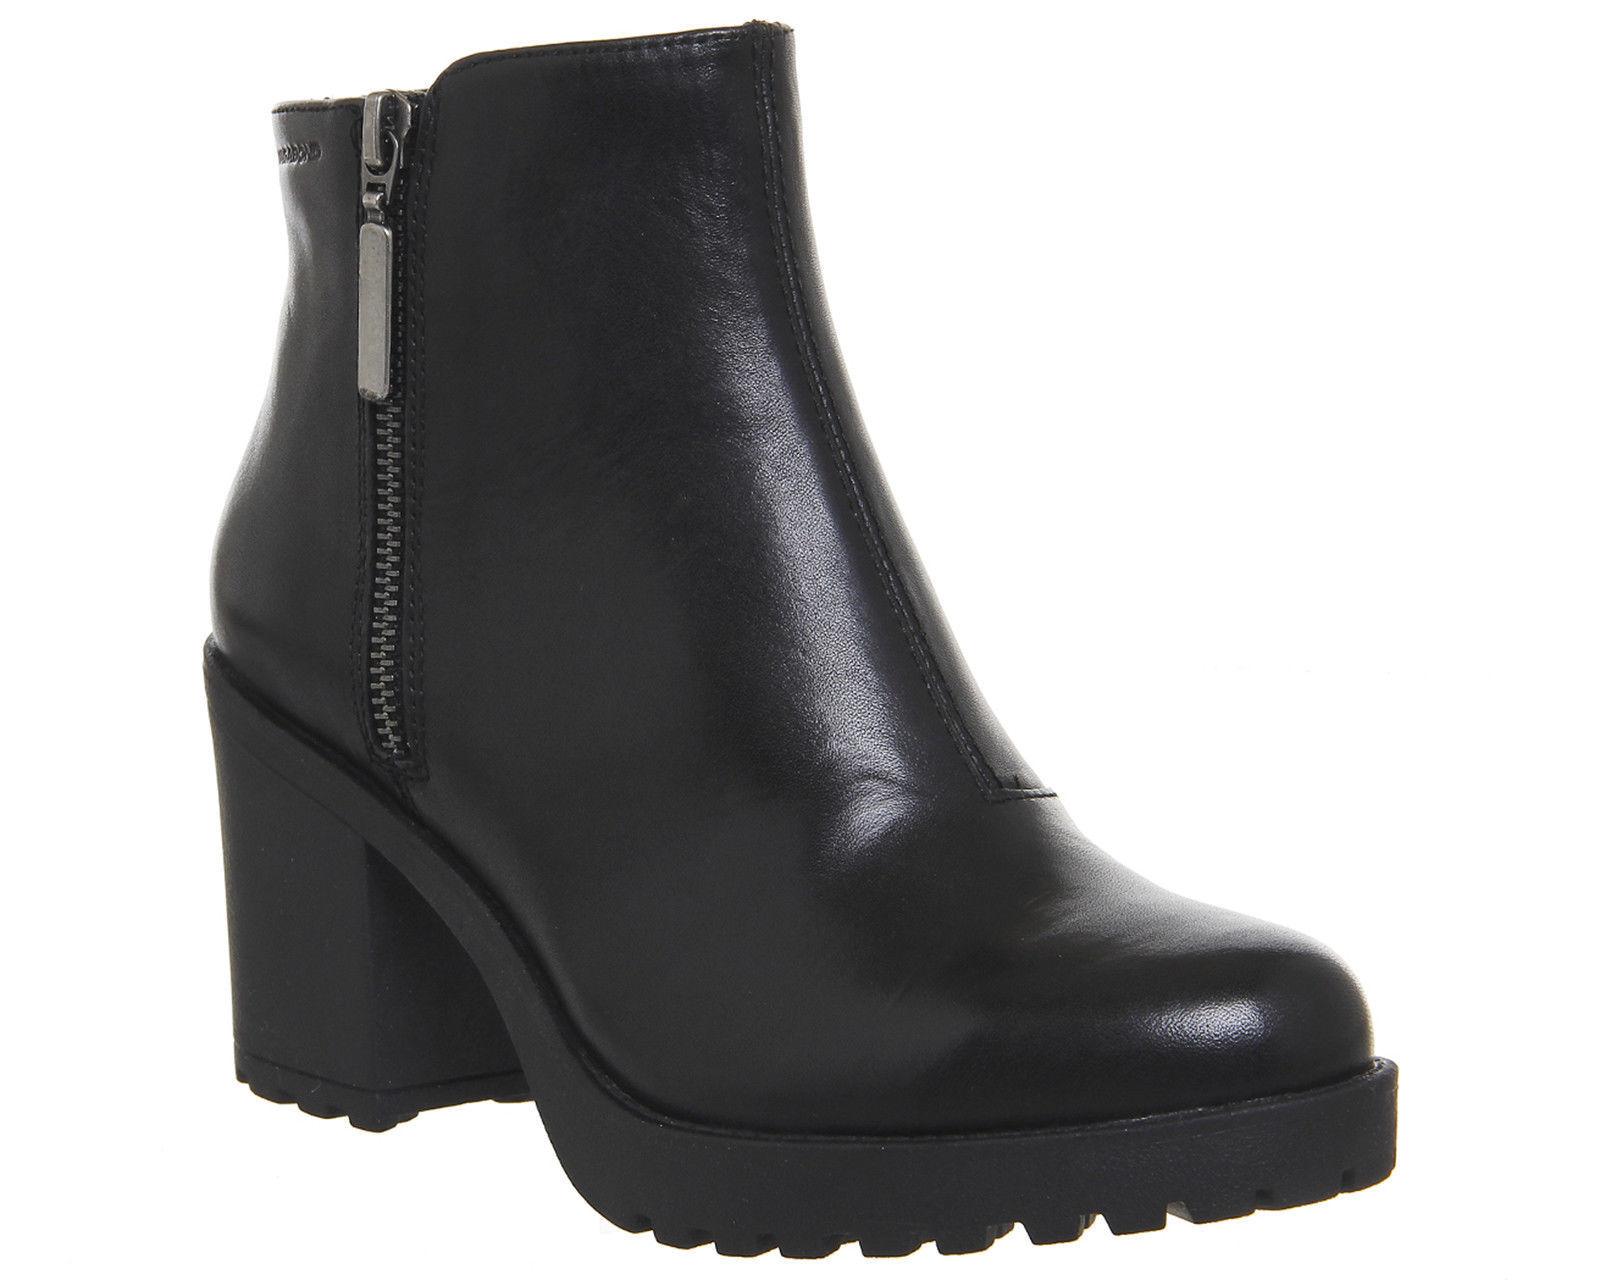 damen Vagabond Grace Side Zip Stiefel schwarz LEATHER Stiefel Größe-EUR 38